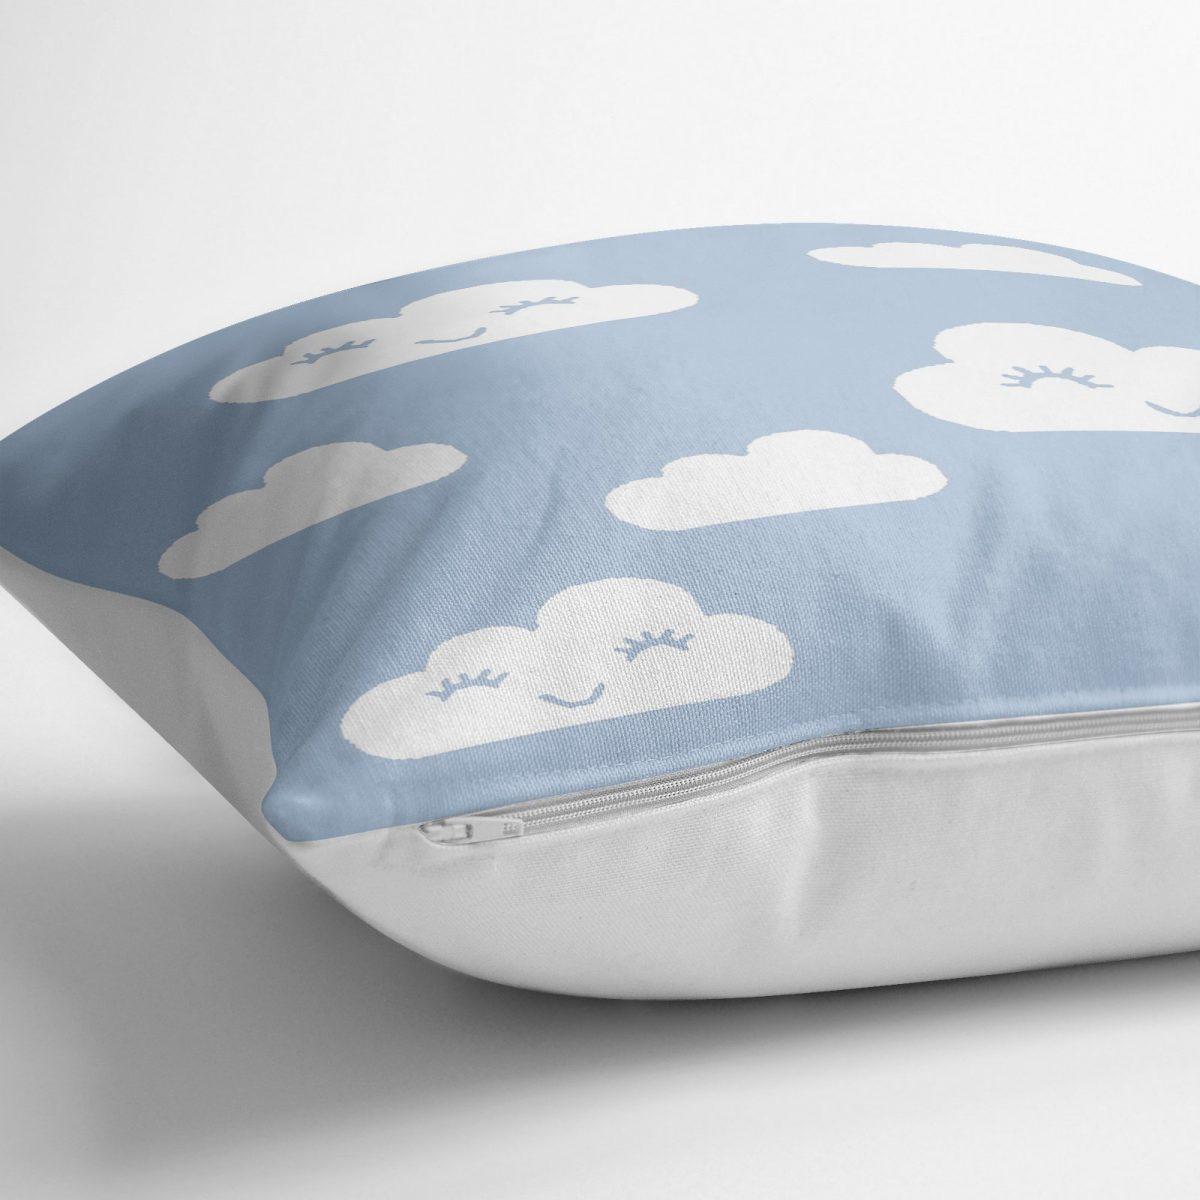 Mavi Zeminli Bulut Temalı Dijital Baskılı Modern Yer Minderi - 70 x 70 cm Realhomes